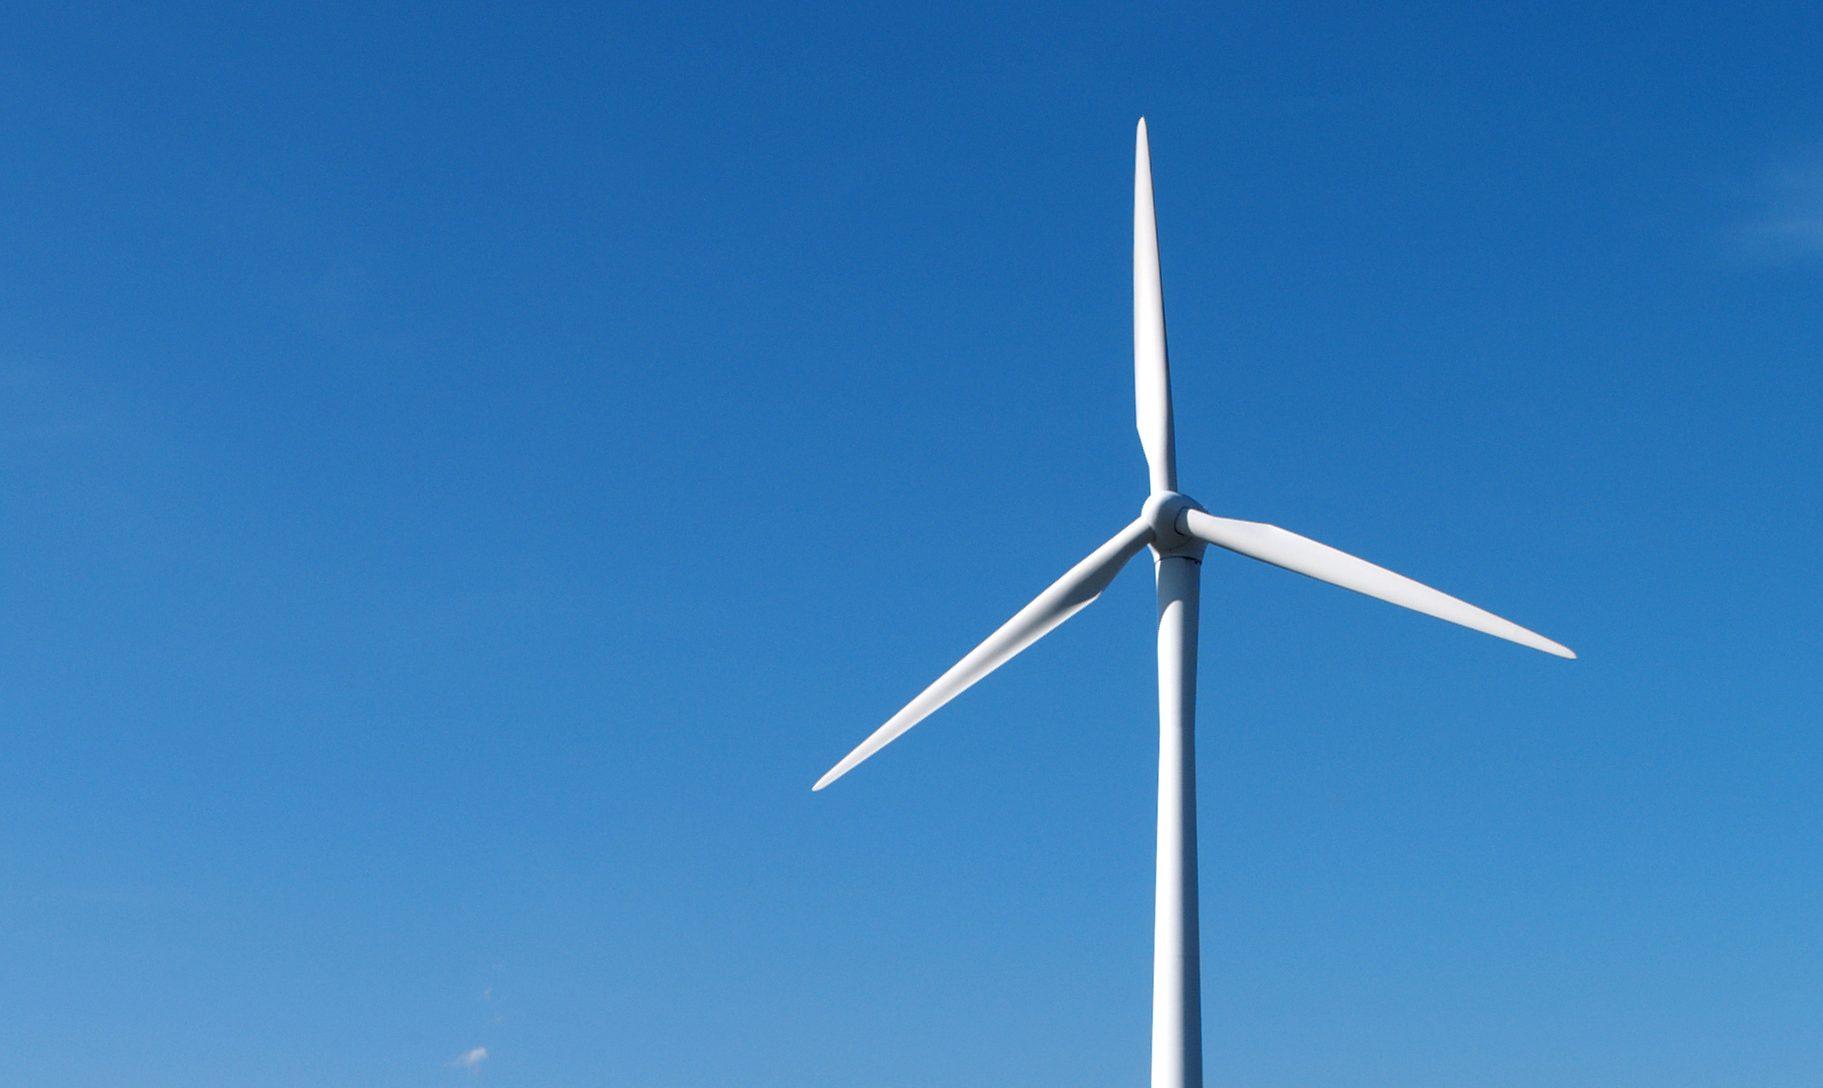 カールスルーエ市エネルギーの丘の発電風車と石炭火力発電所(左奥)、2012.09.30. © Matsuda Masahiro